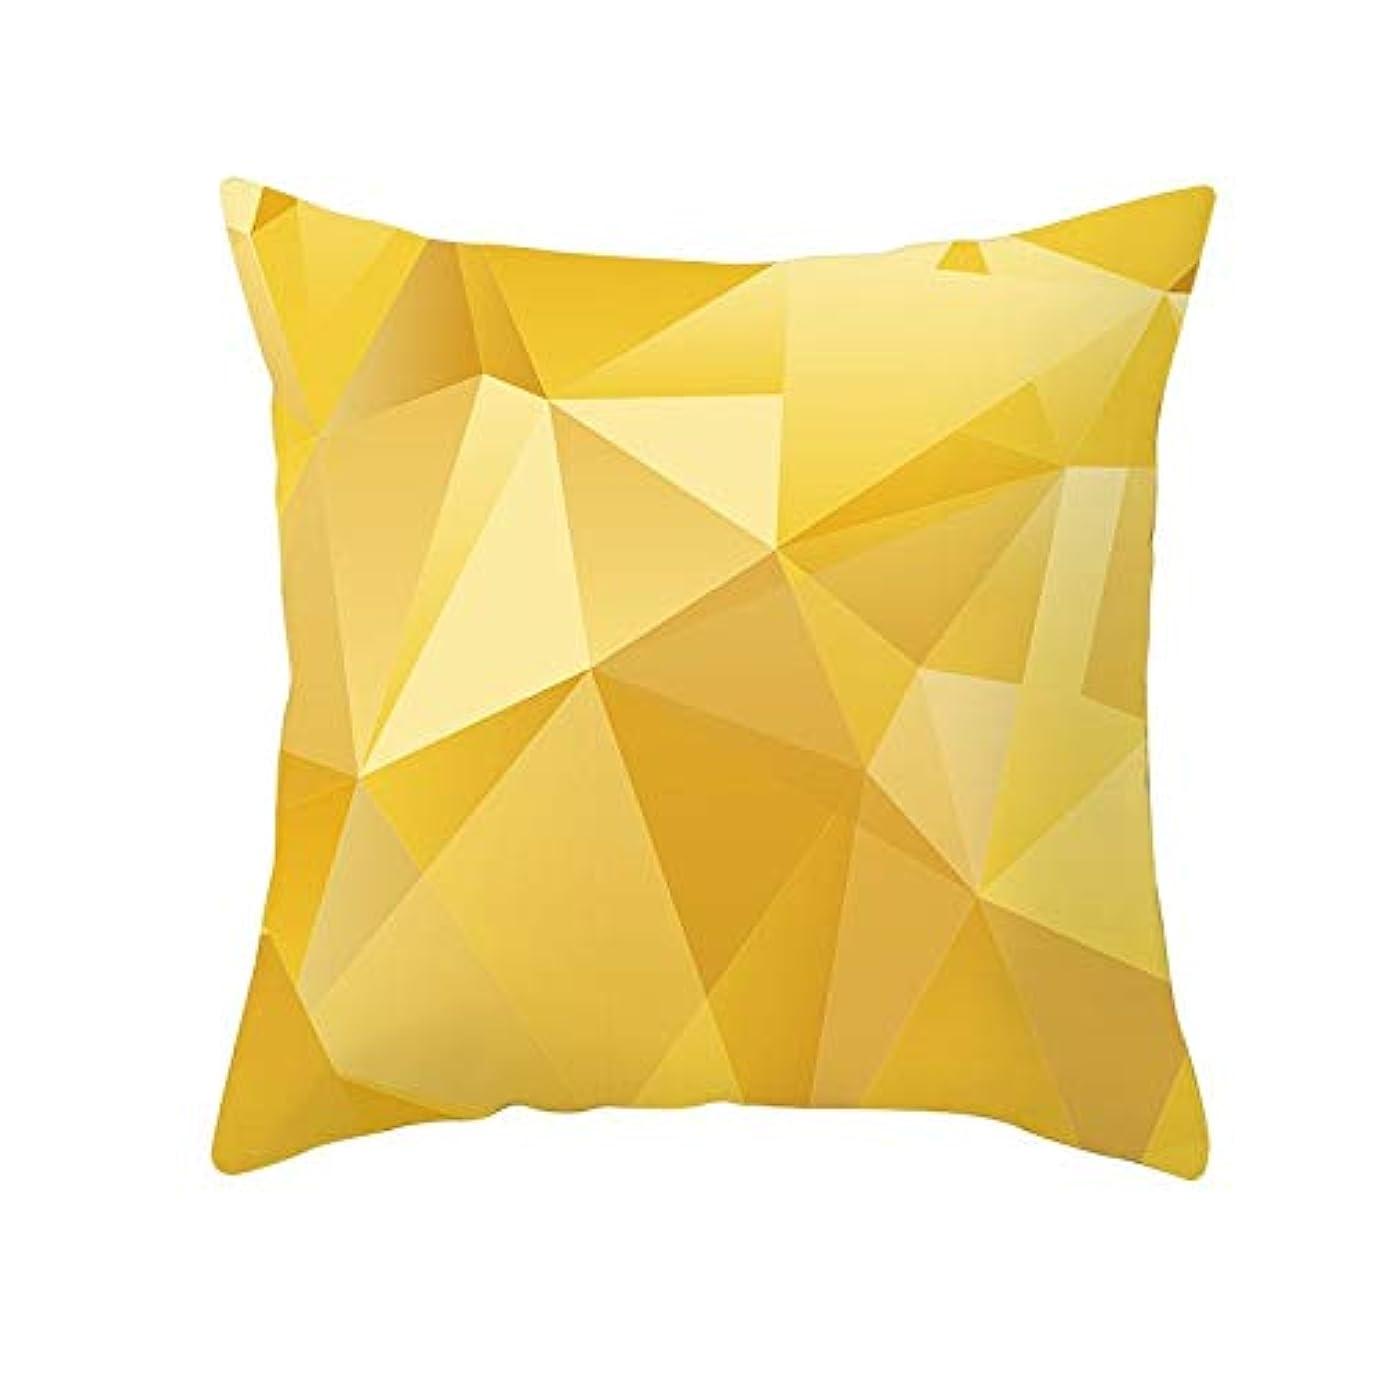 論理的に白菜見捨てられたLIFE 装飾クッションソファ 幾何学プリントポリエステル正方形の枕ソファスロークッション家の装飾 coussin デ長椅子 クッション 椅子